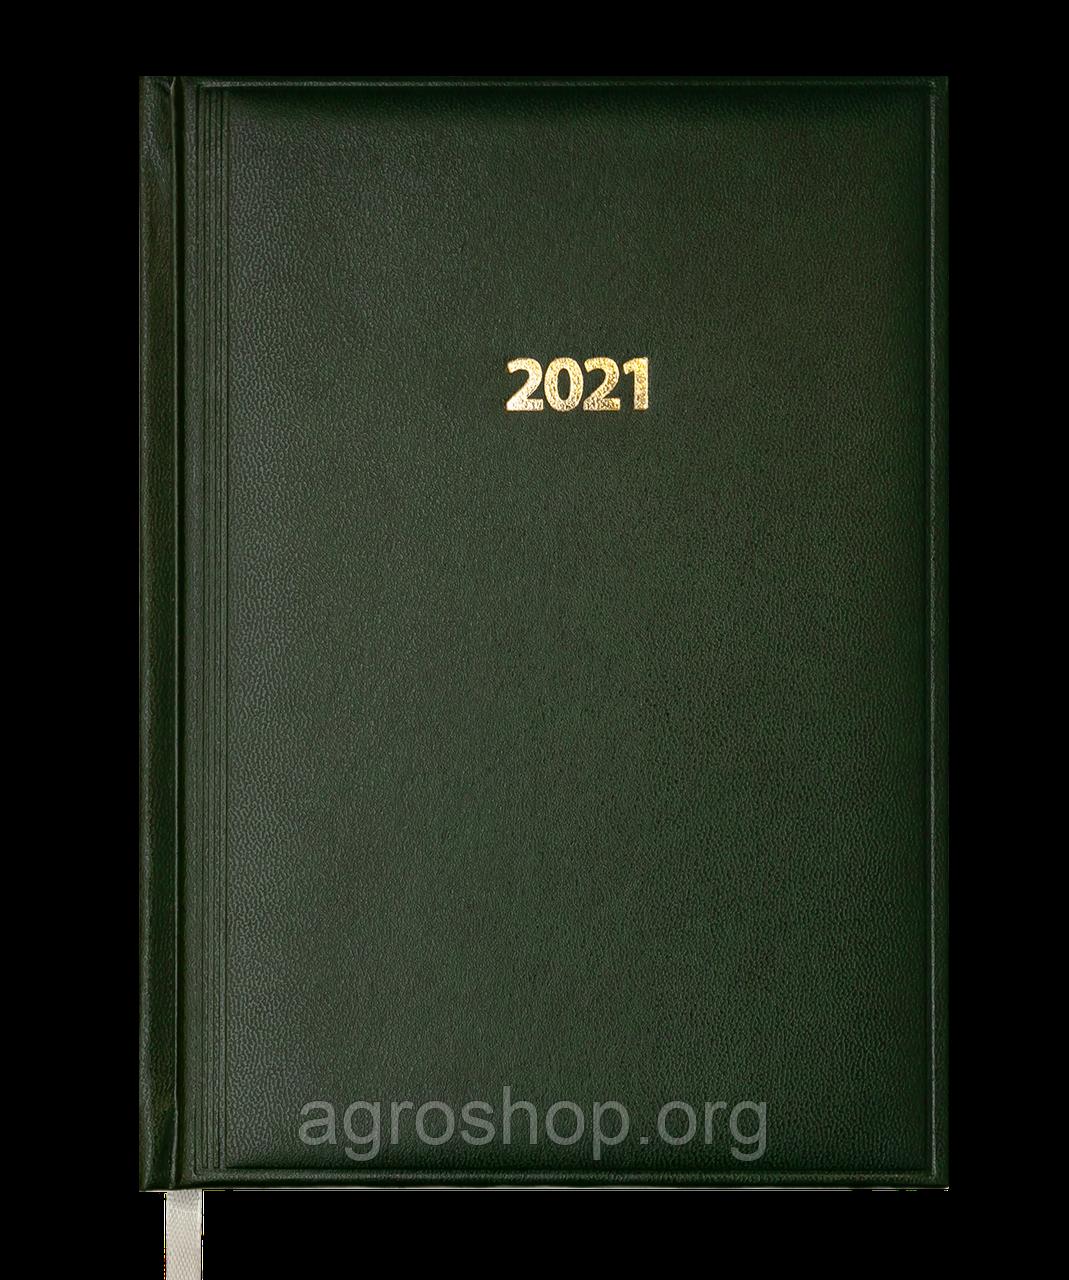 Щоденник датов.2021 BASE (Miradur), зелений, L2U, A5, бумвініл/поролон